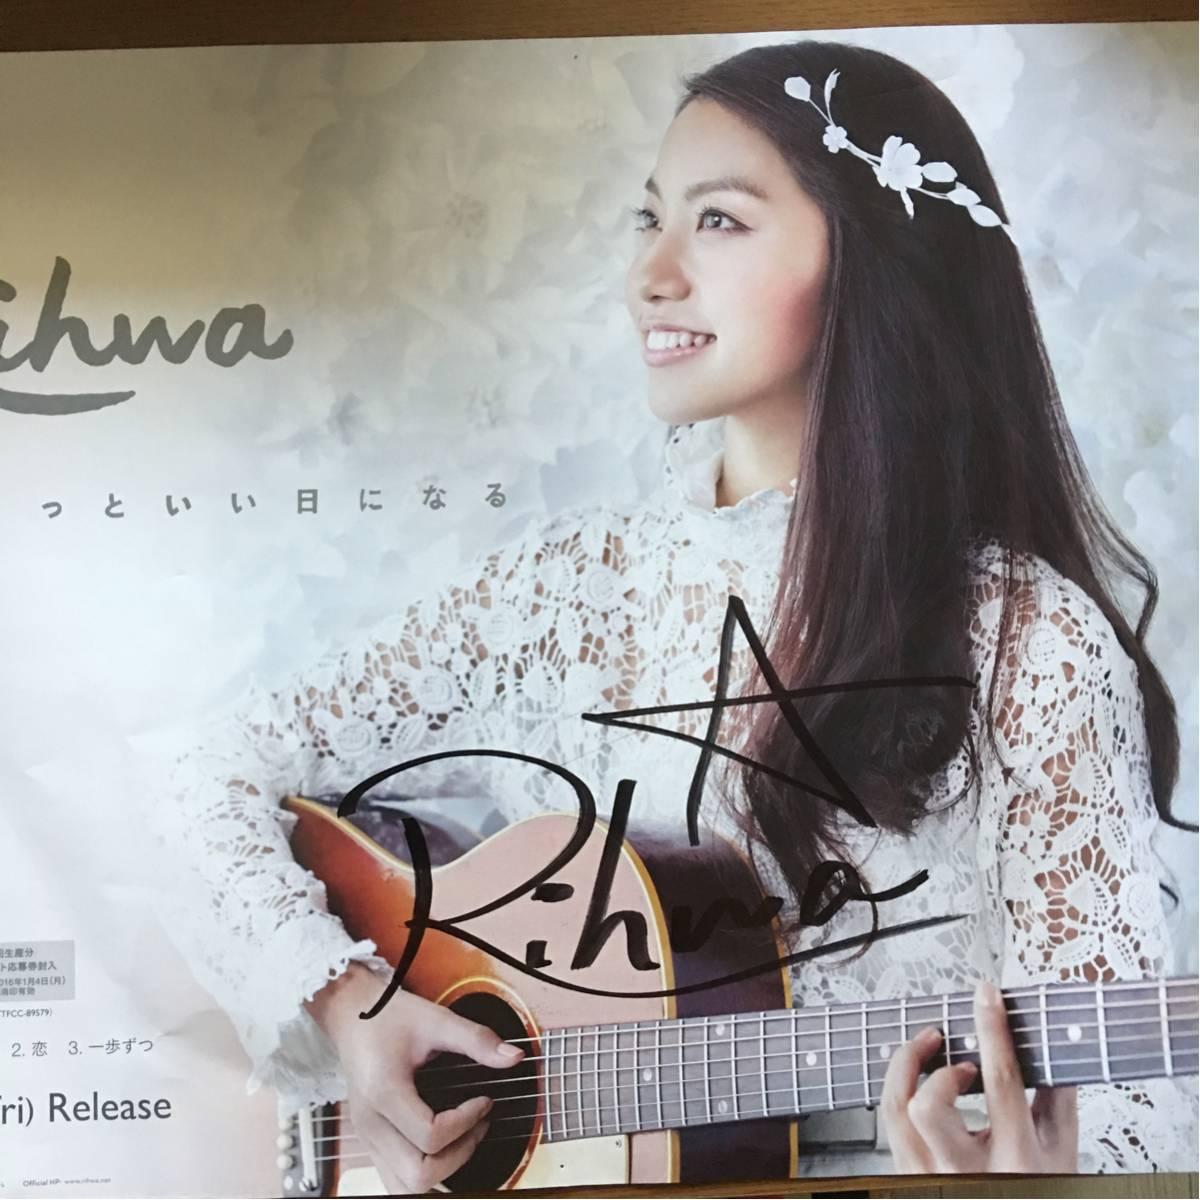 Rihwa リファ サイン入りポスター 明日はきっといい日になる 非売品